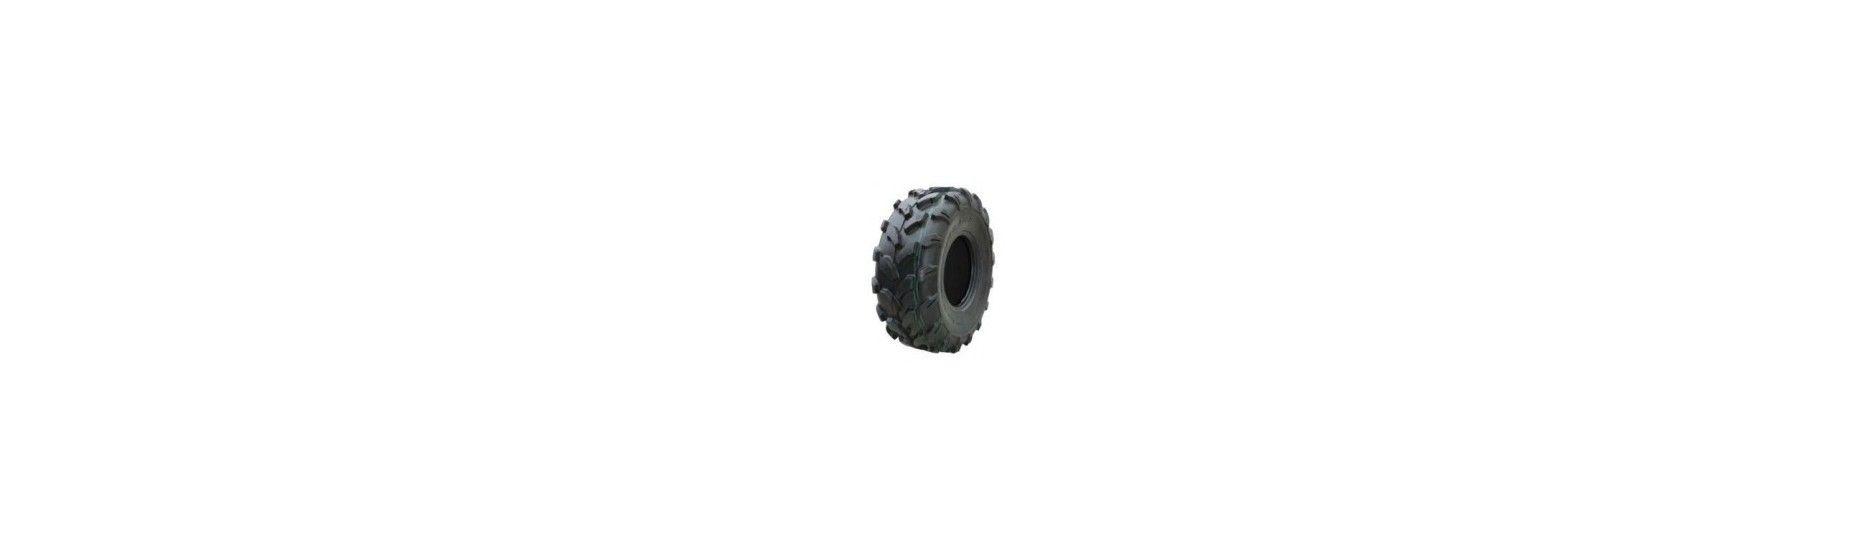 8-mi palcové pneumatiky